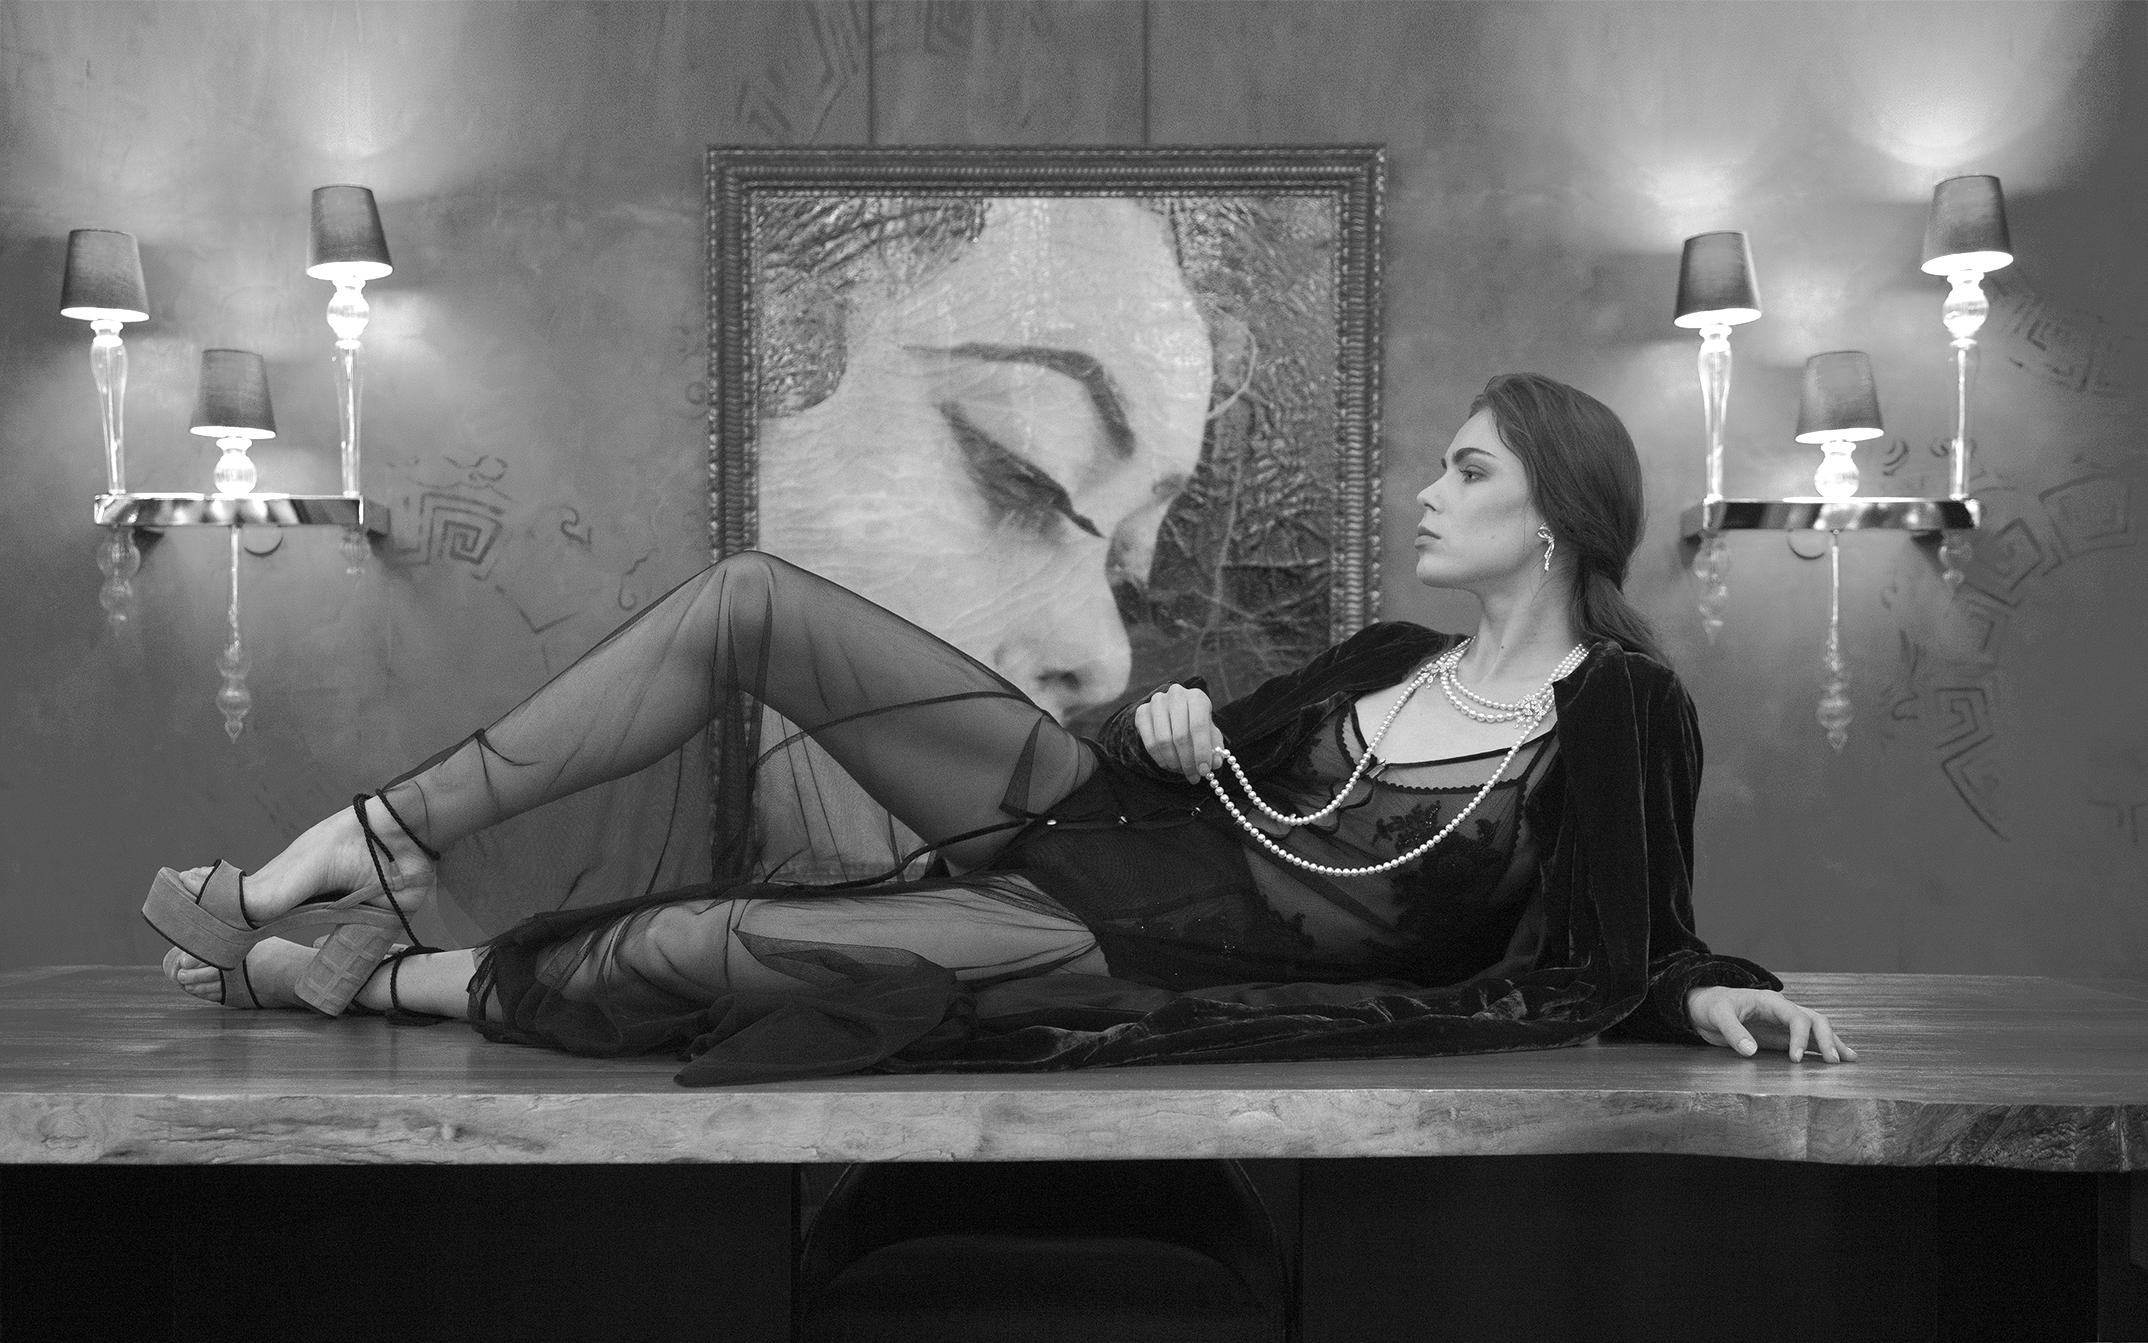 Boucles d'oreilles et collier de perles et diamants : MIKIMOTTO Manteau en velours bordeaux : TALBOT RUNHOF Robe transparente body et culotte haute transparente : COUTURE PARIS Chaussure CASTAÑER